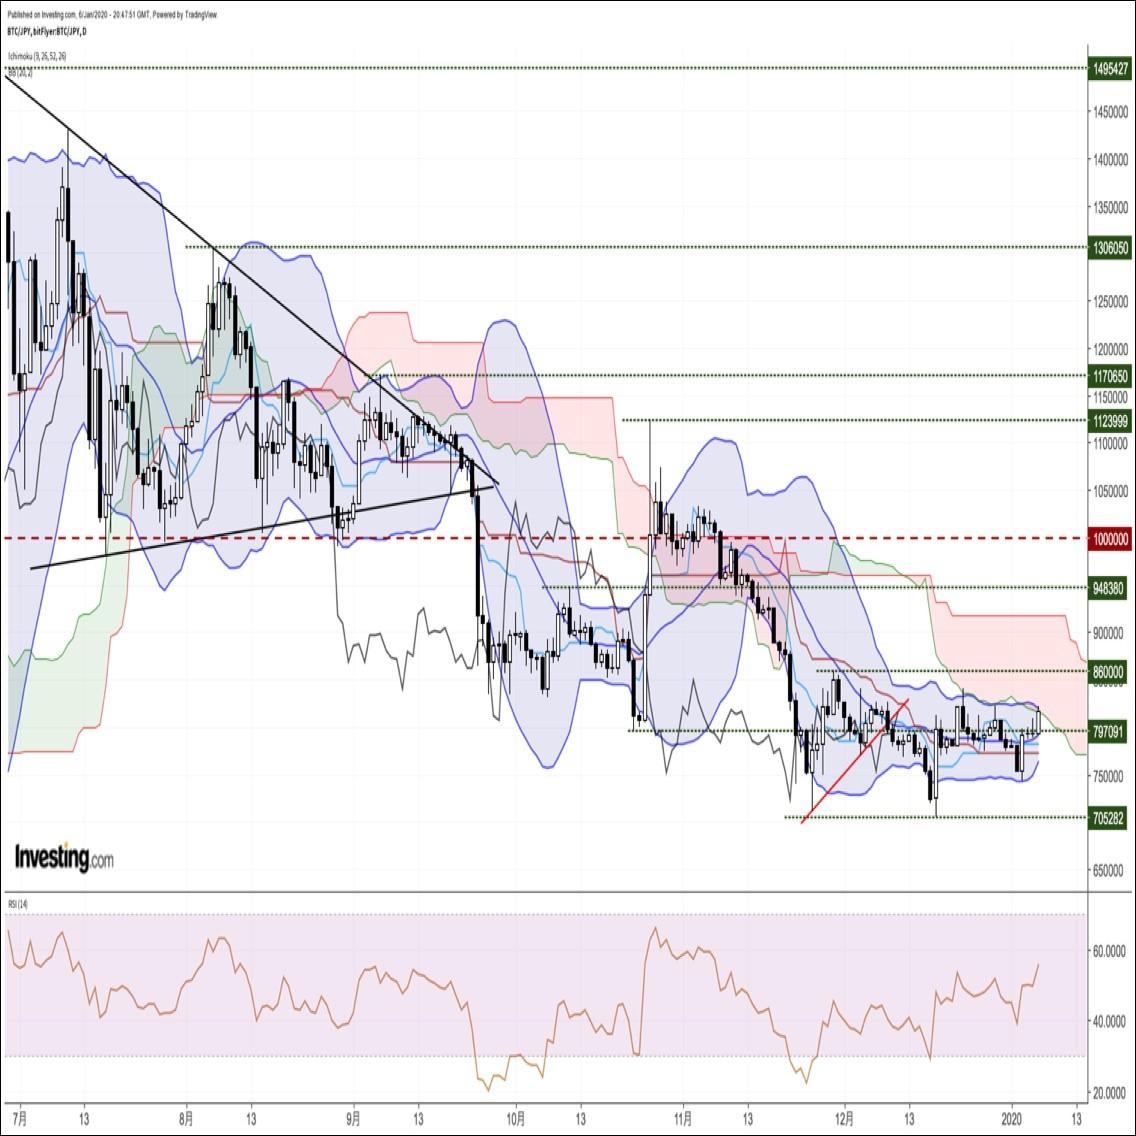 ビットコイン円、一時下落するもアルトコインの急伸に連れて再び上昇。1週間ぶり高値圏へ(1/7朝)